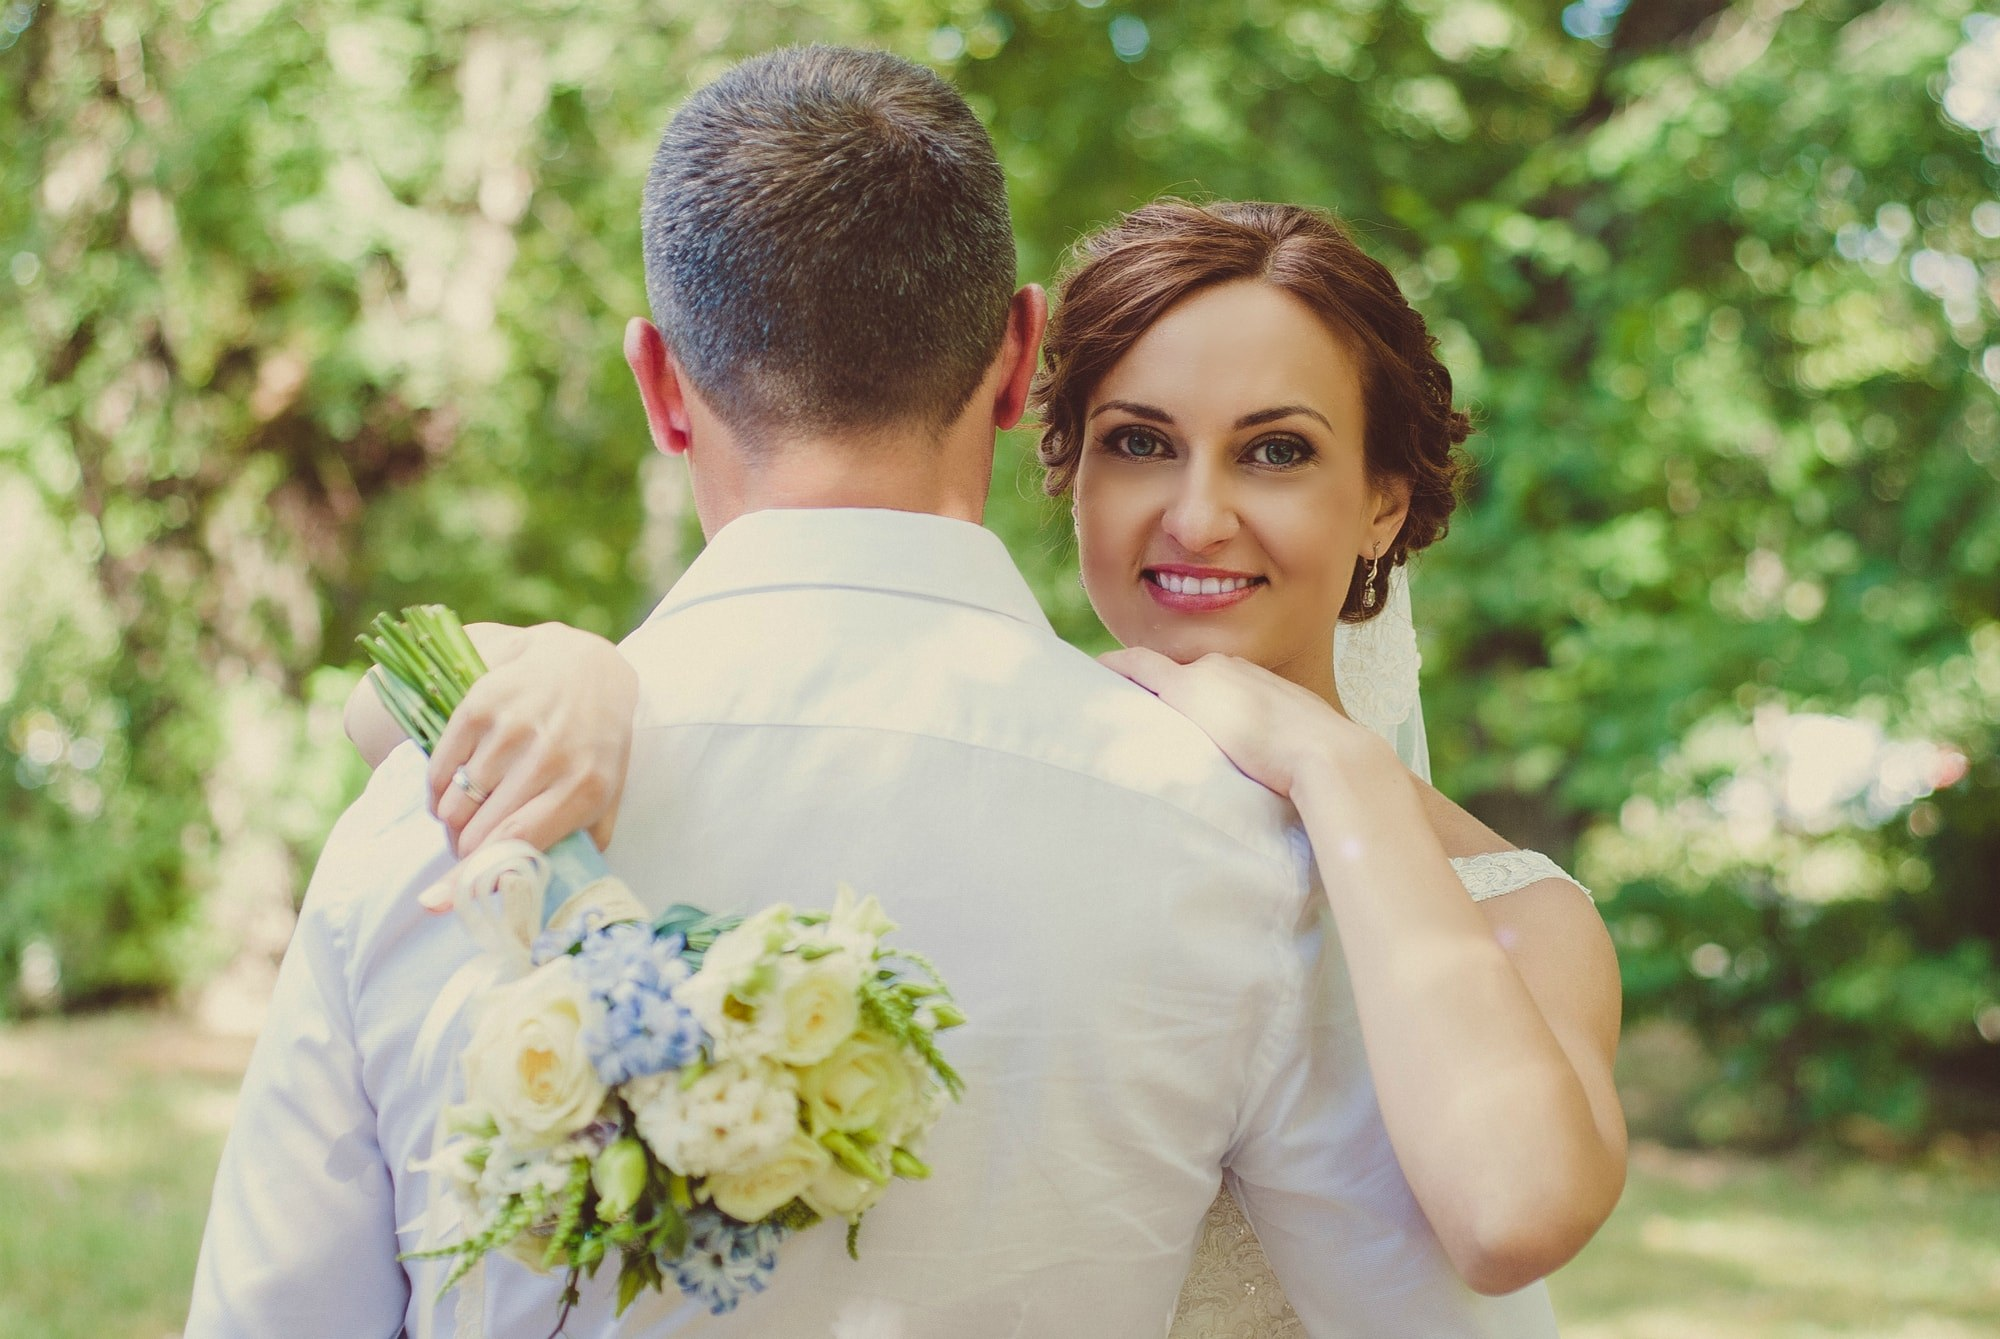 Радость невесты - Фотограф Киев - Женя Лайт